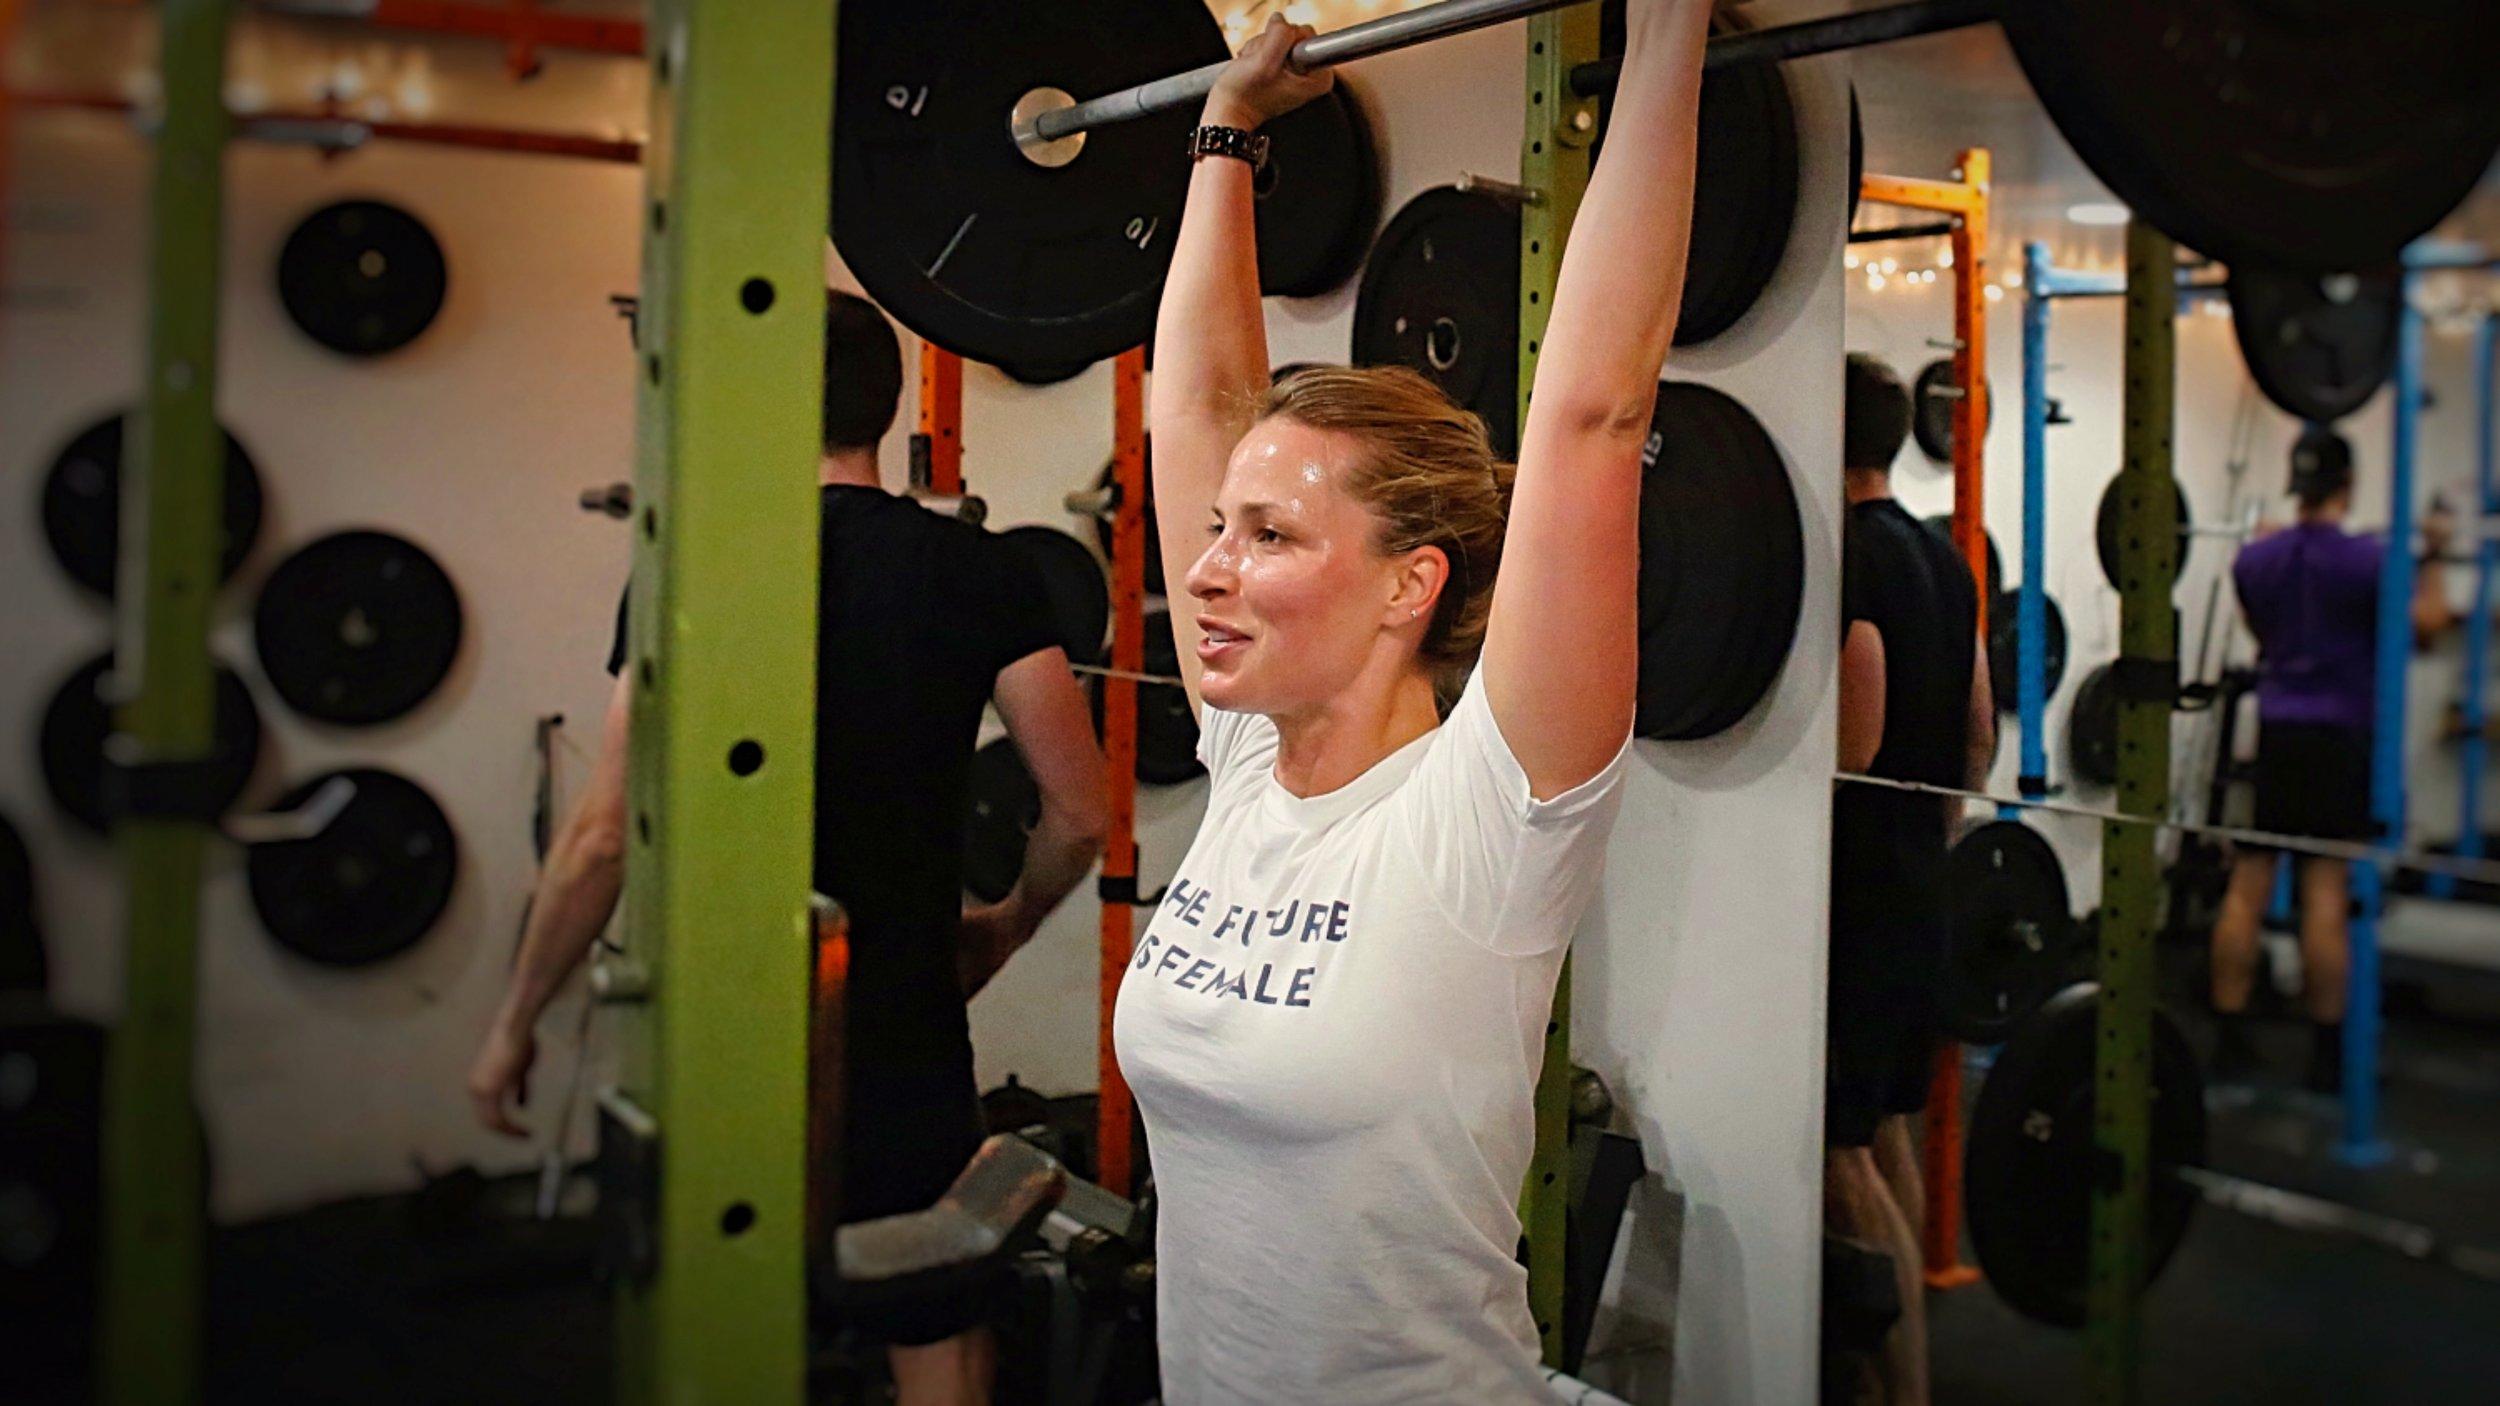 private gym 5_Fotor_Fotor.jpg